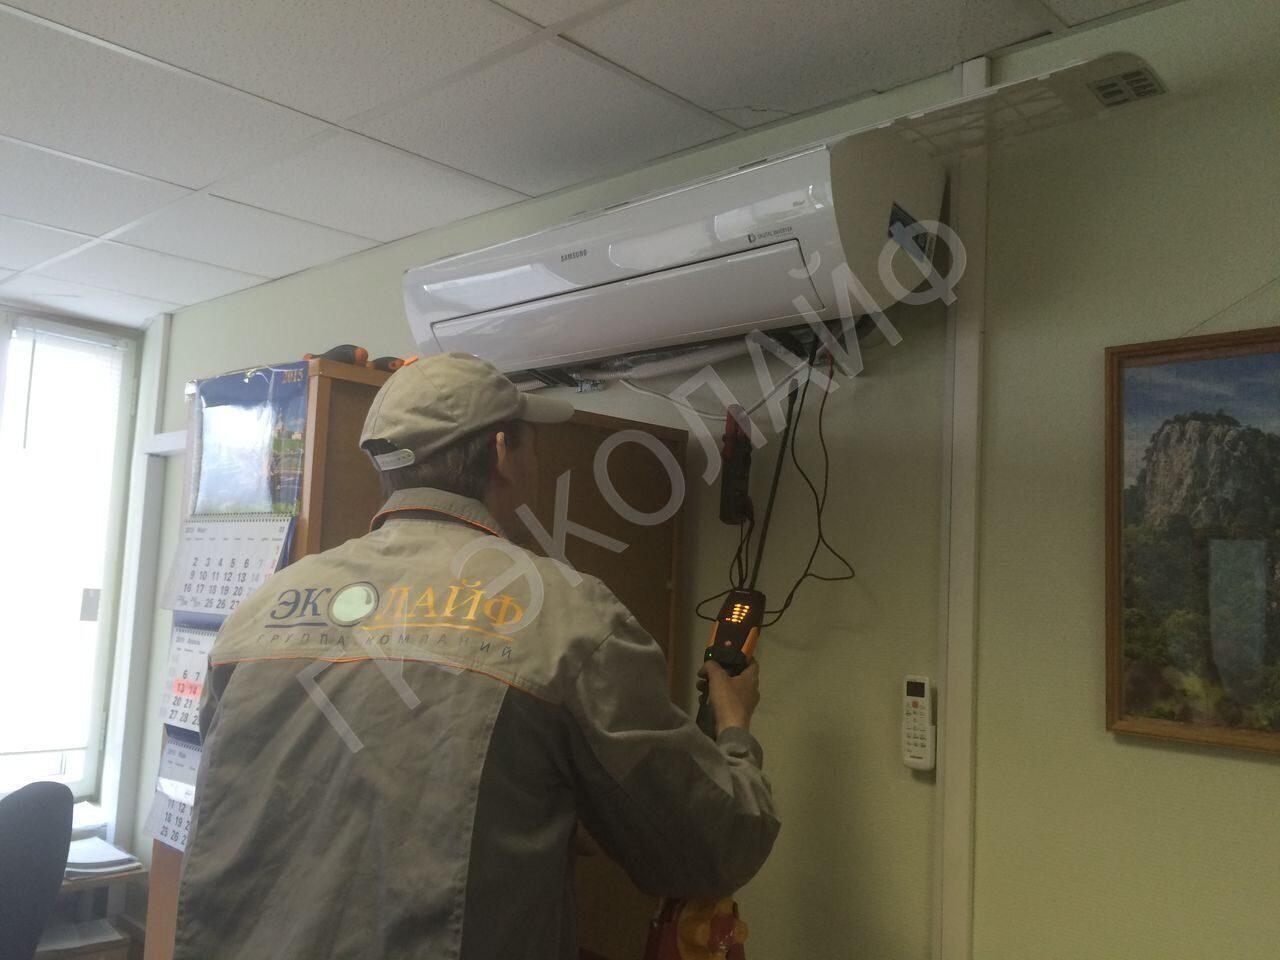 Техническое обслуживание сплит-систем.